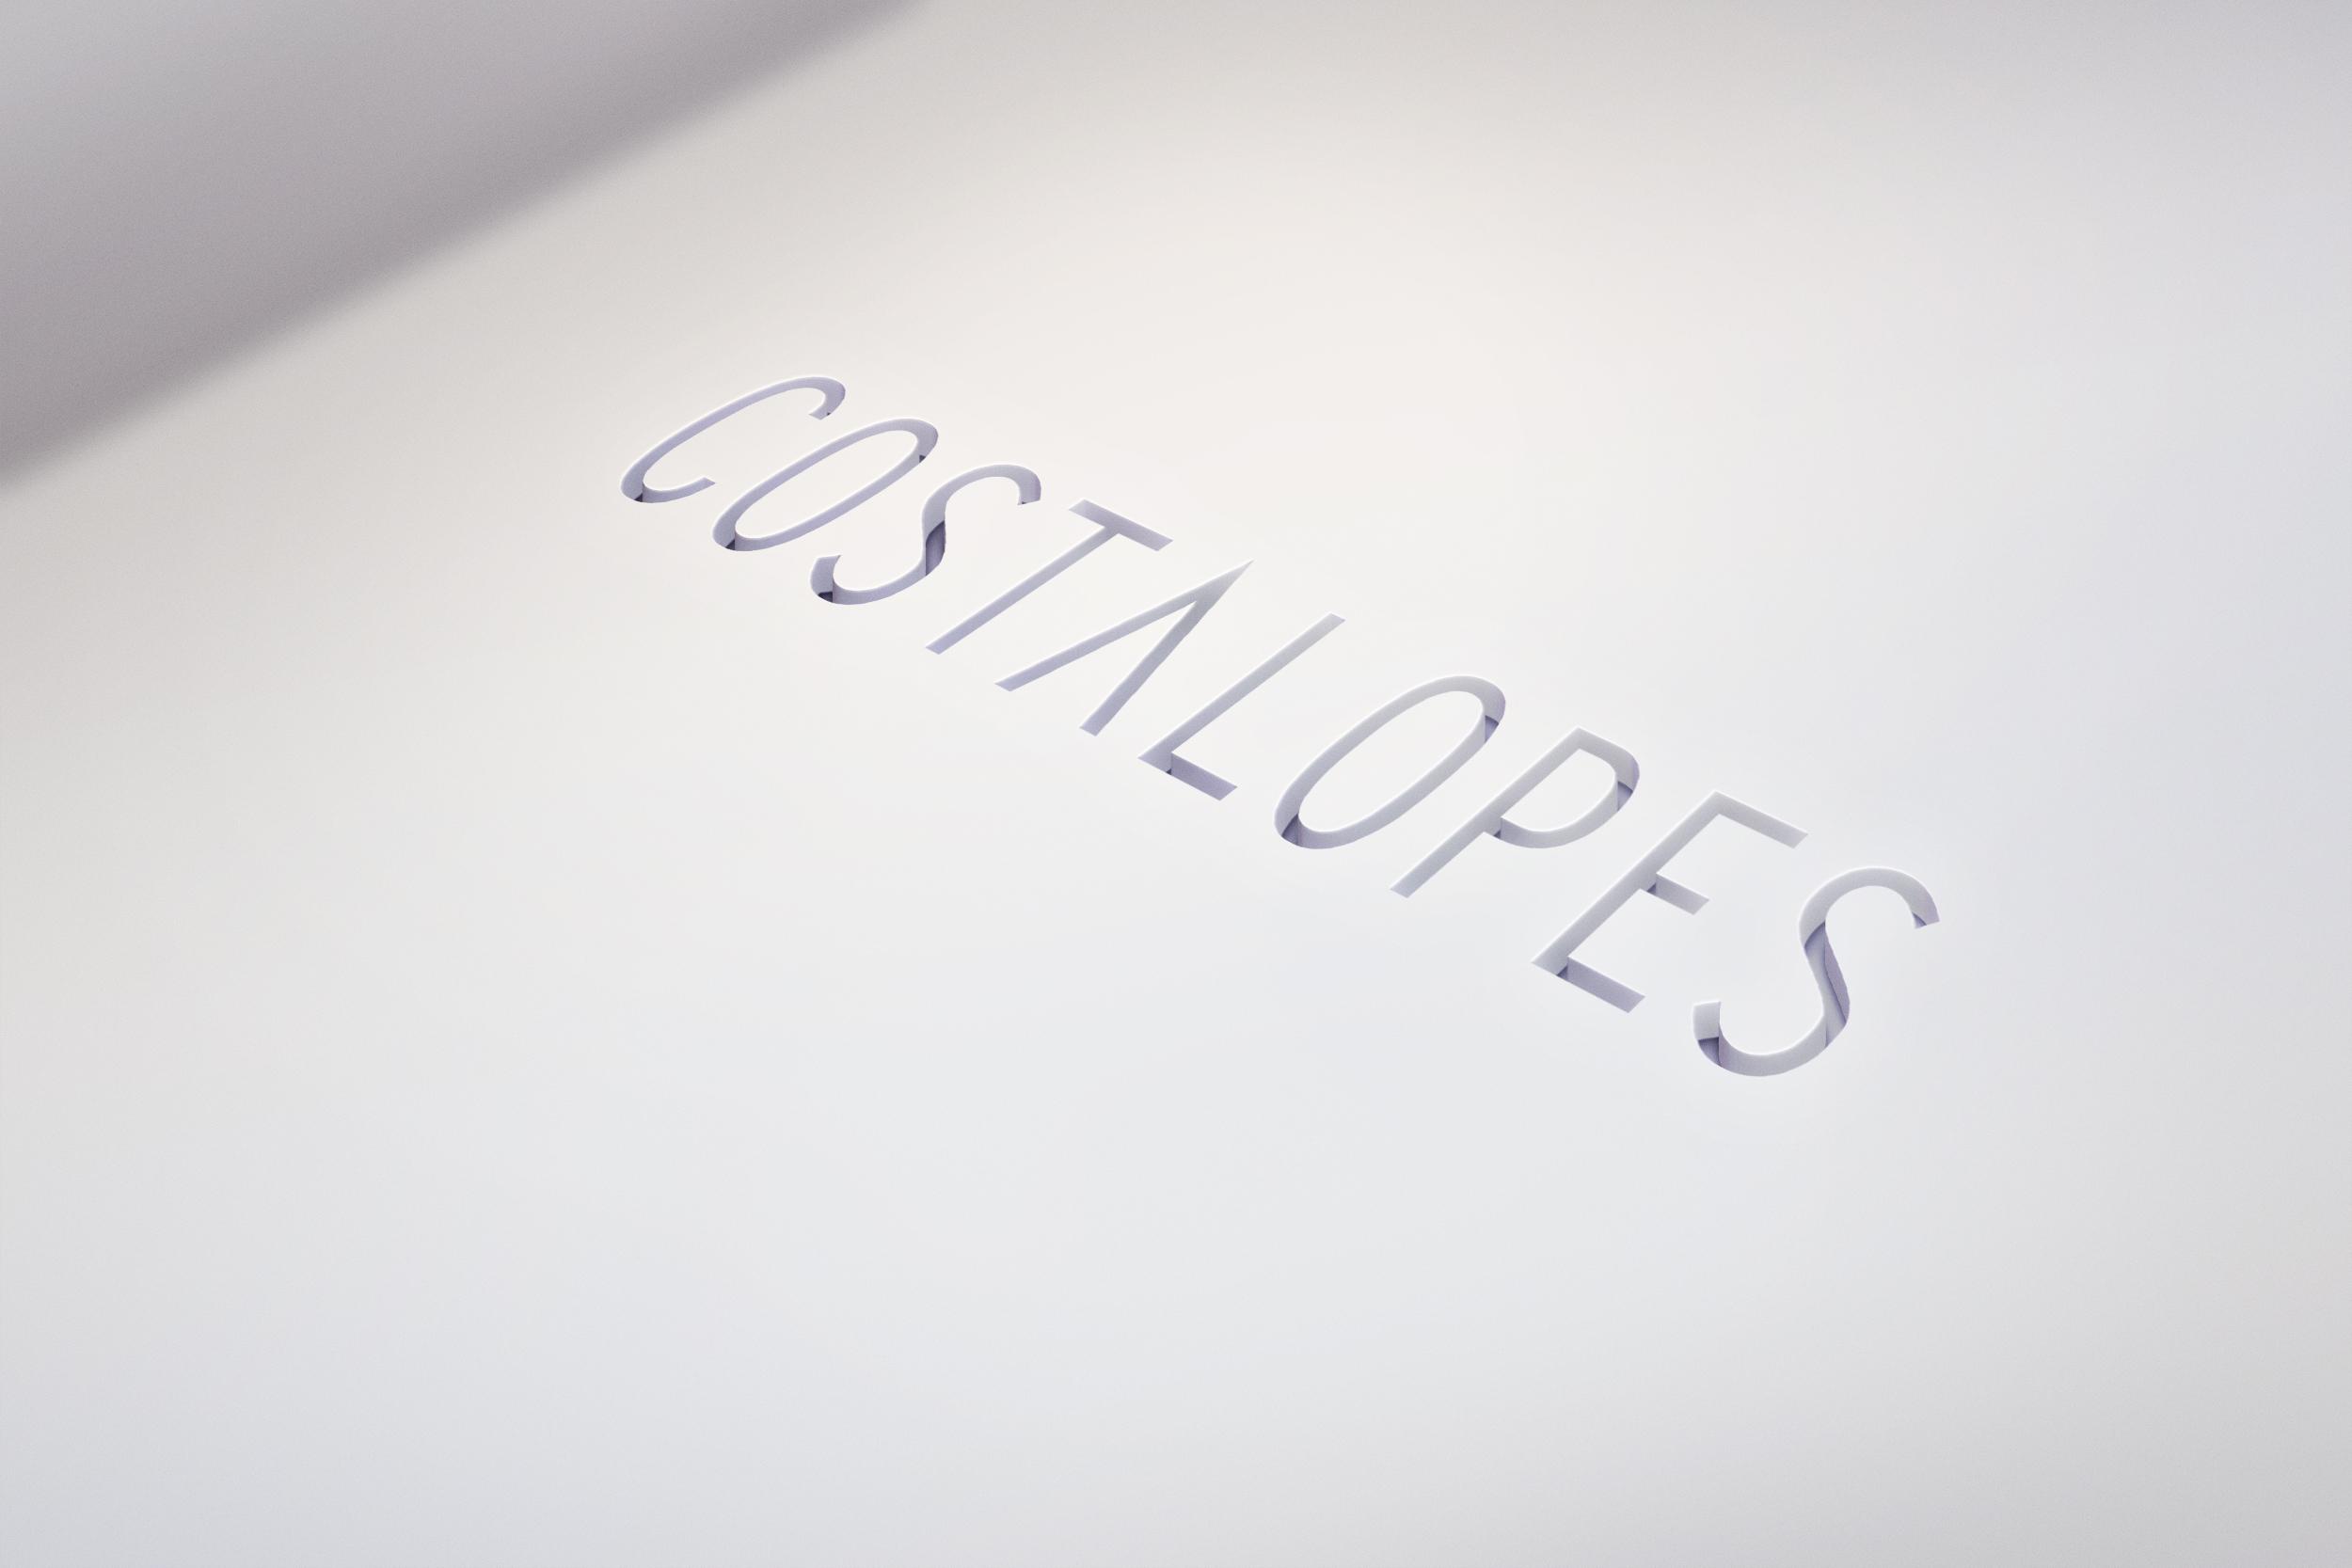 COSTA_LOPES_A.jpg